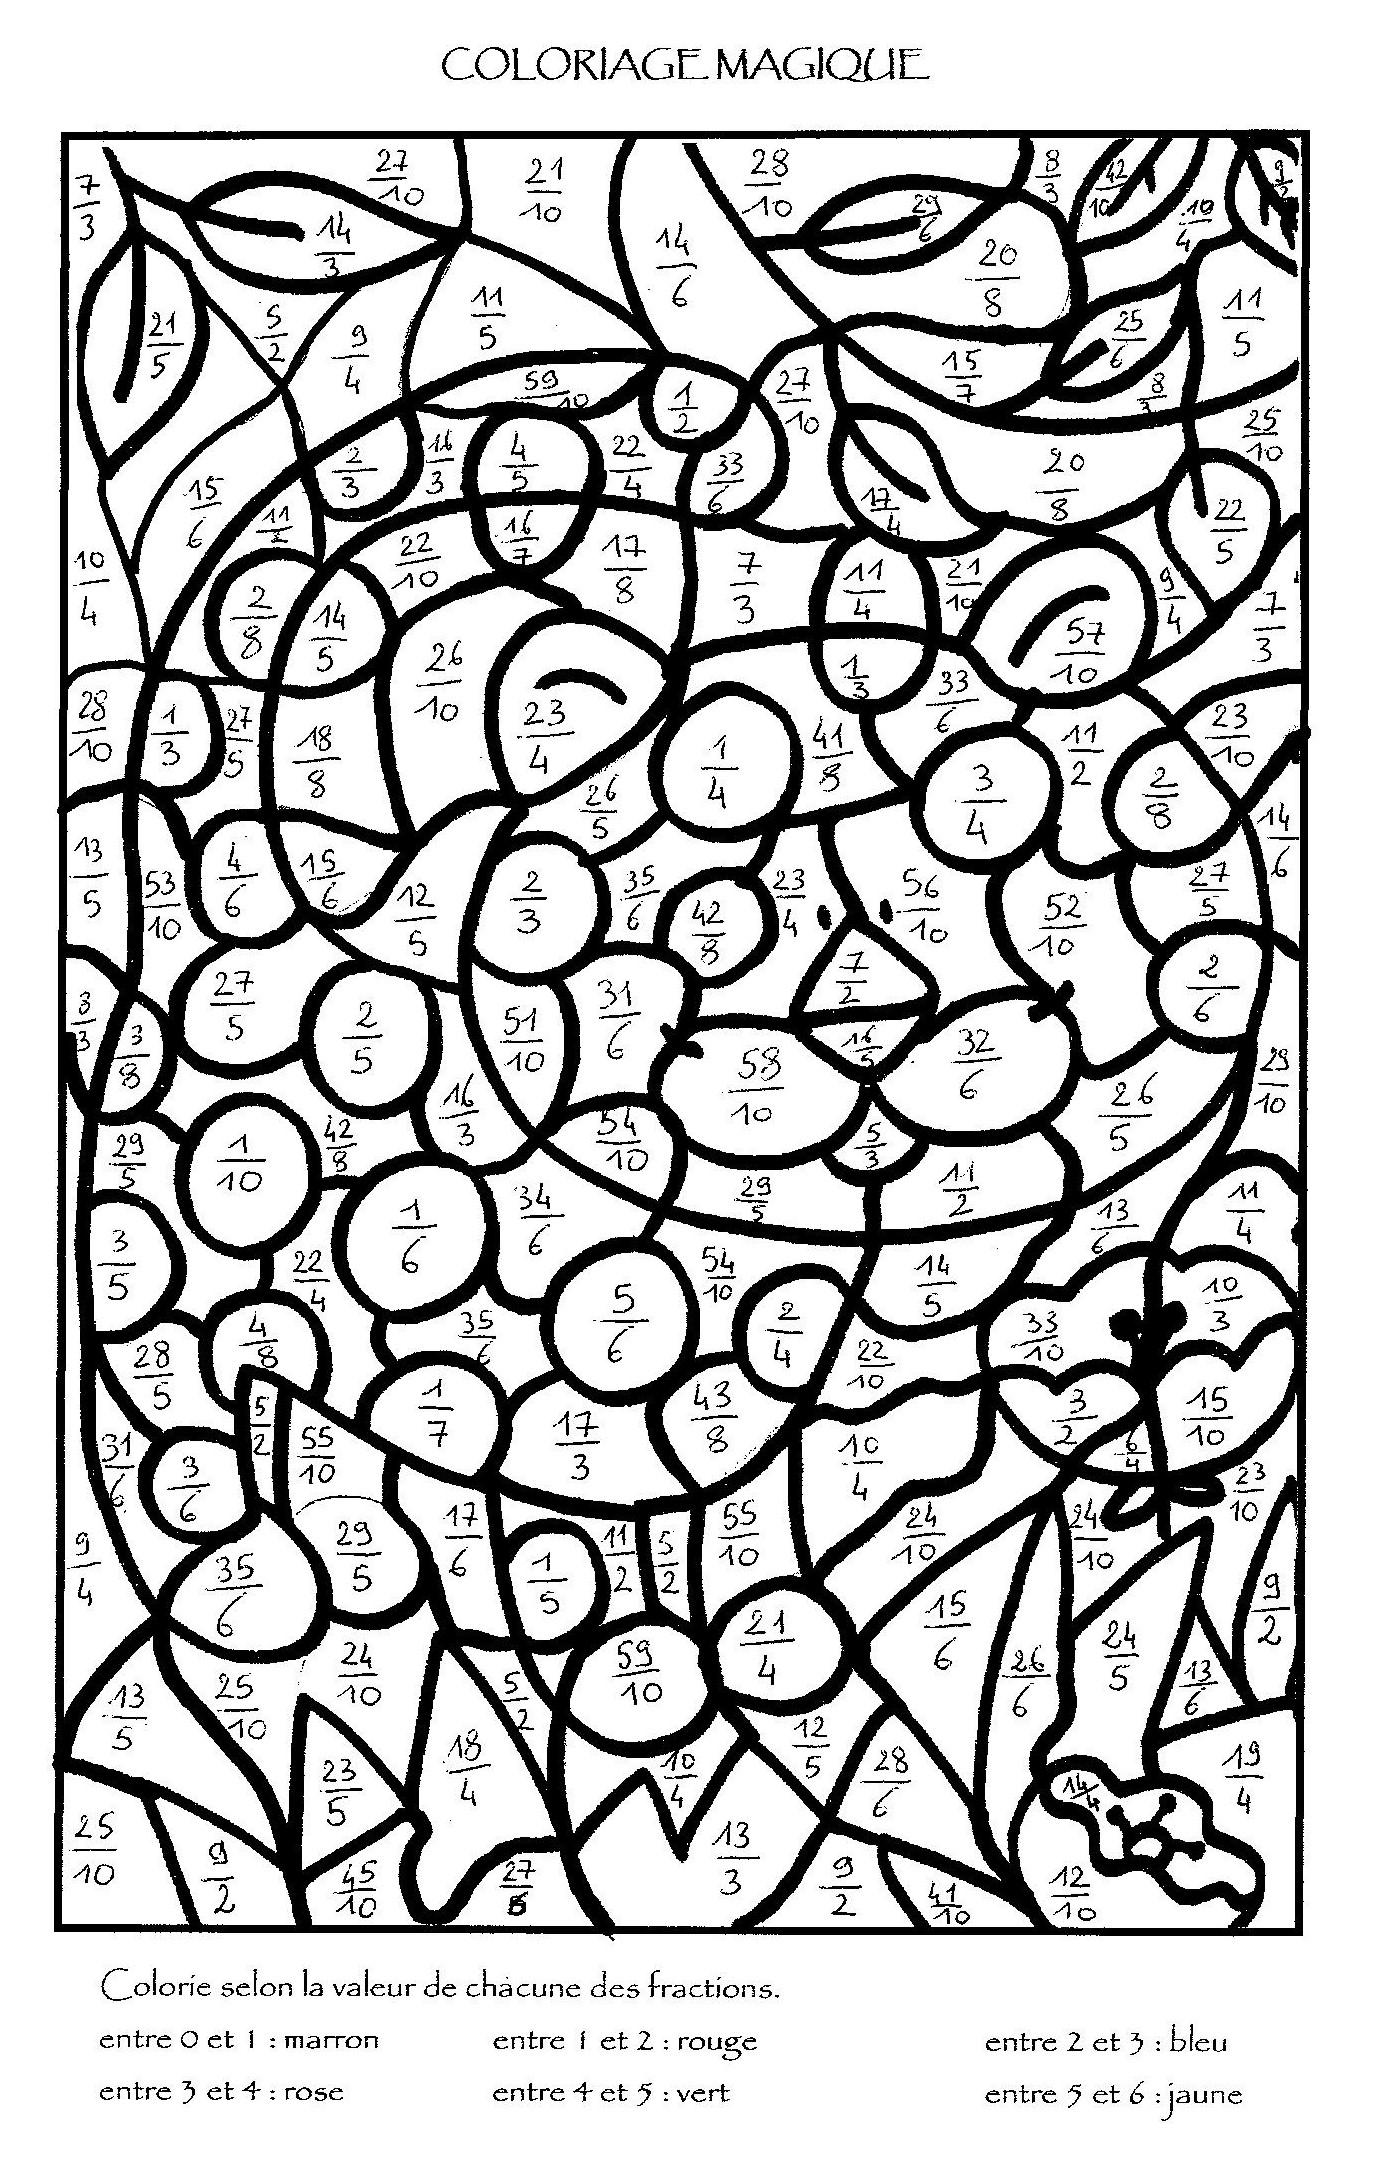 dessin magique fran§ais cm1 cm2